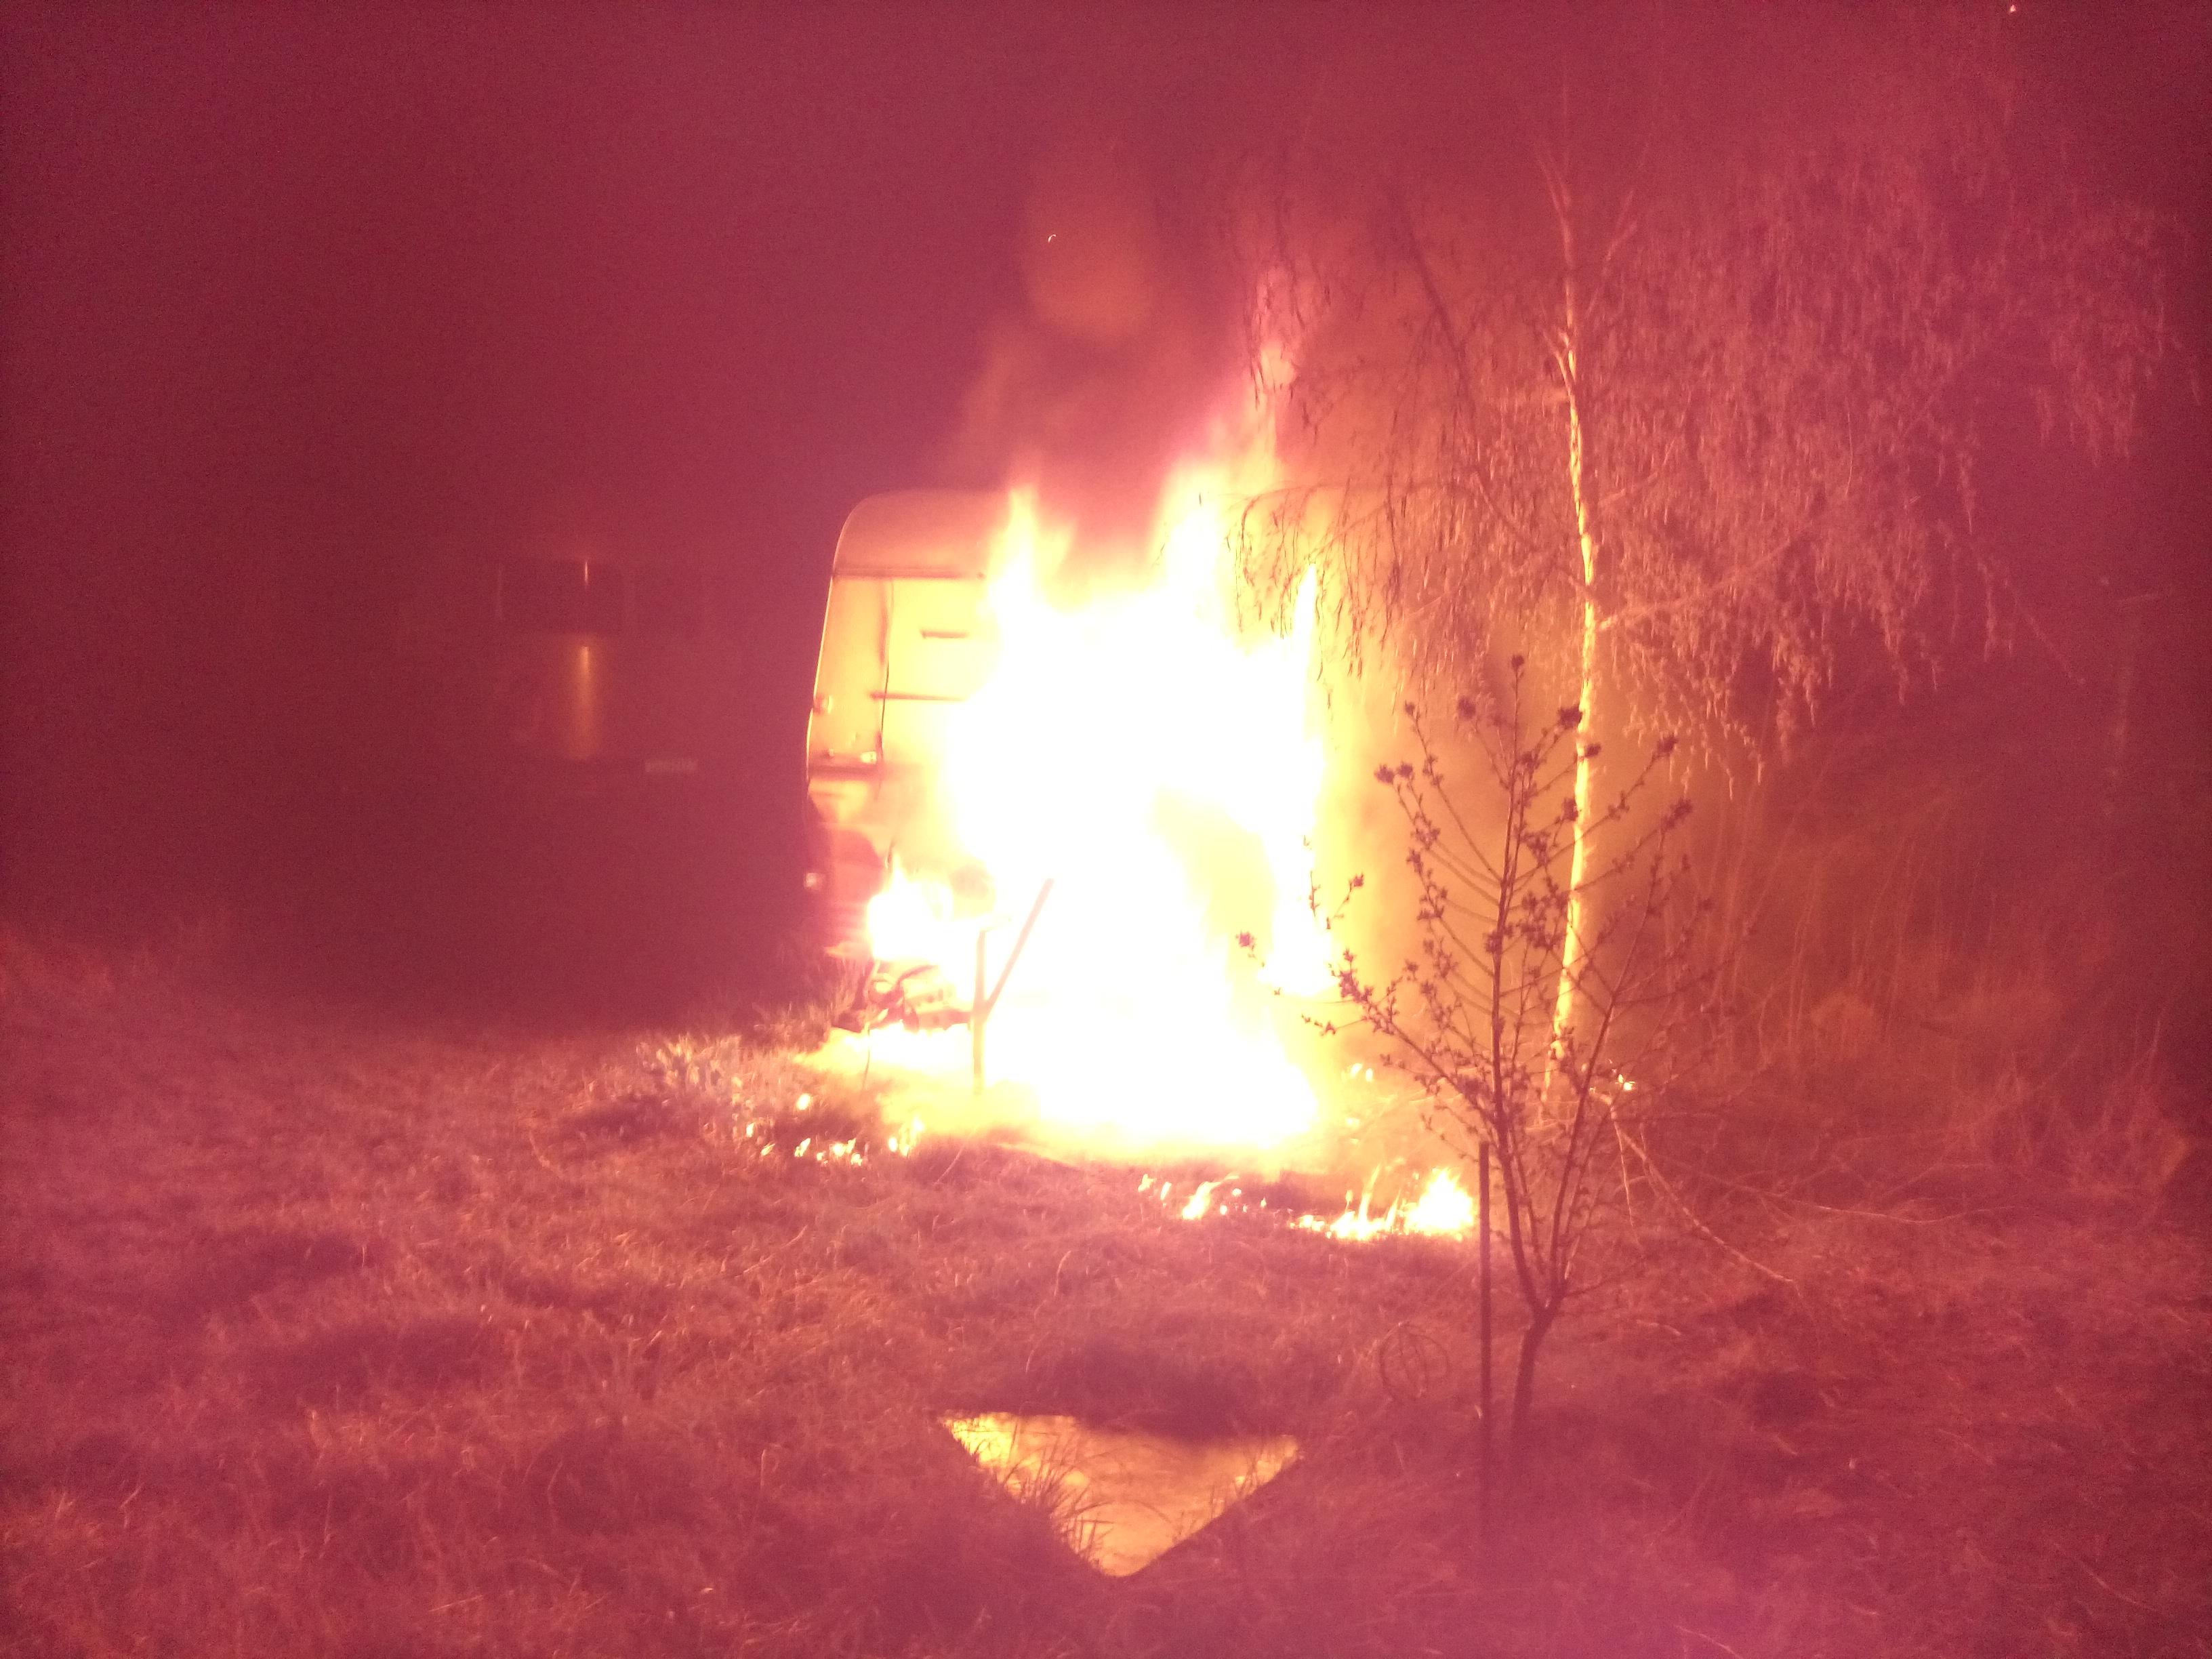 Brandanschlag auf AKW Bitterfeld